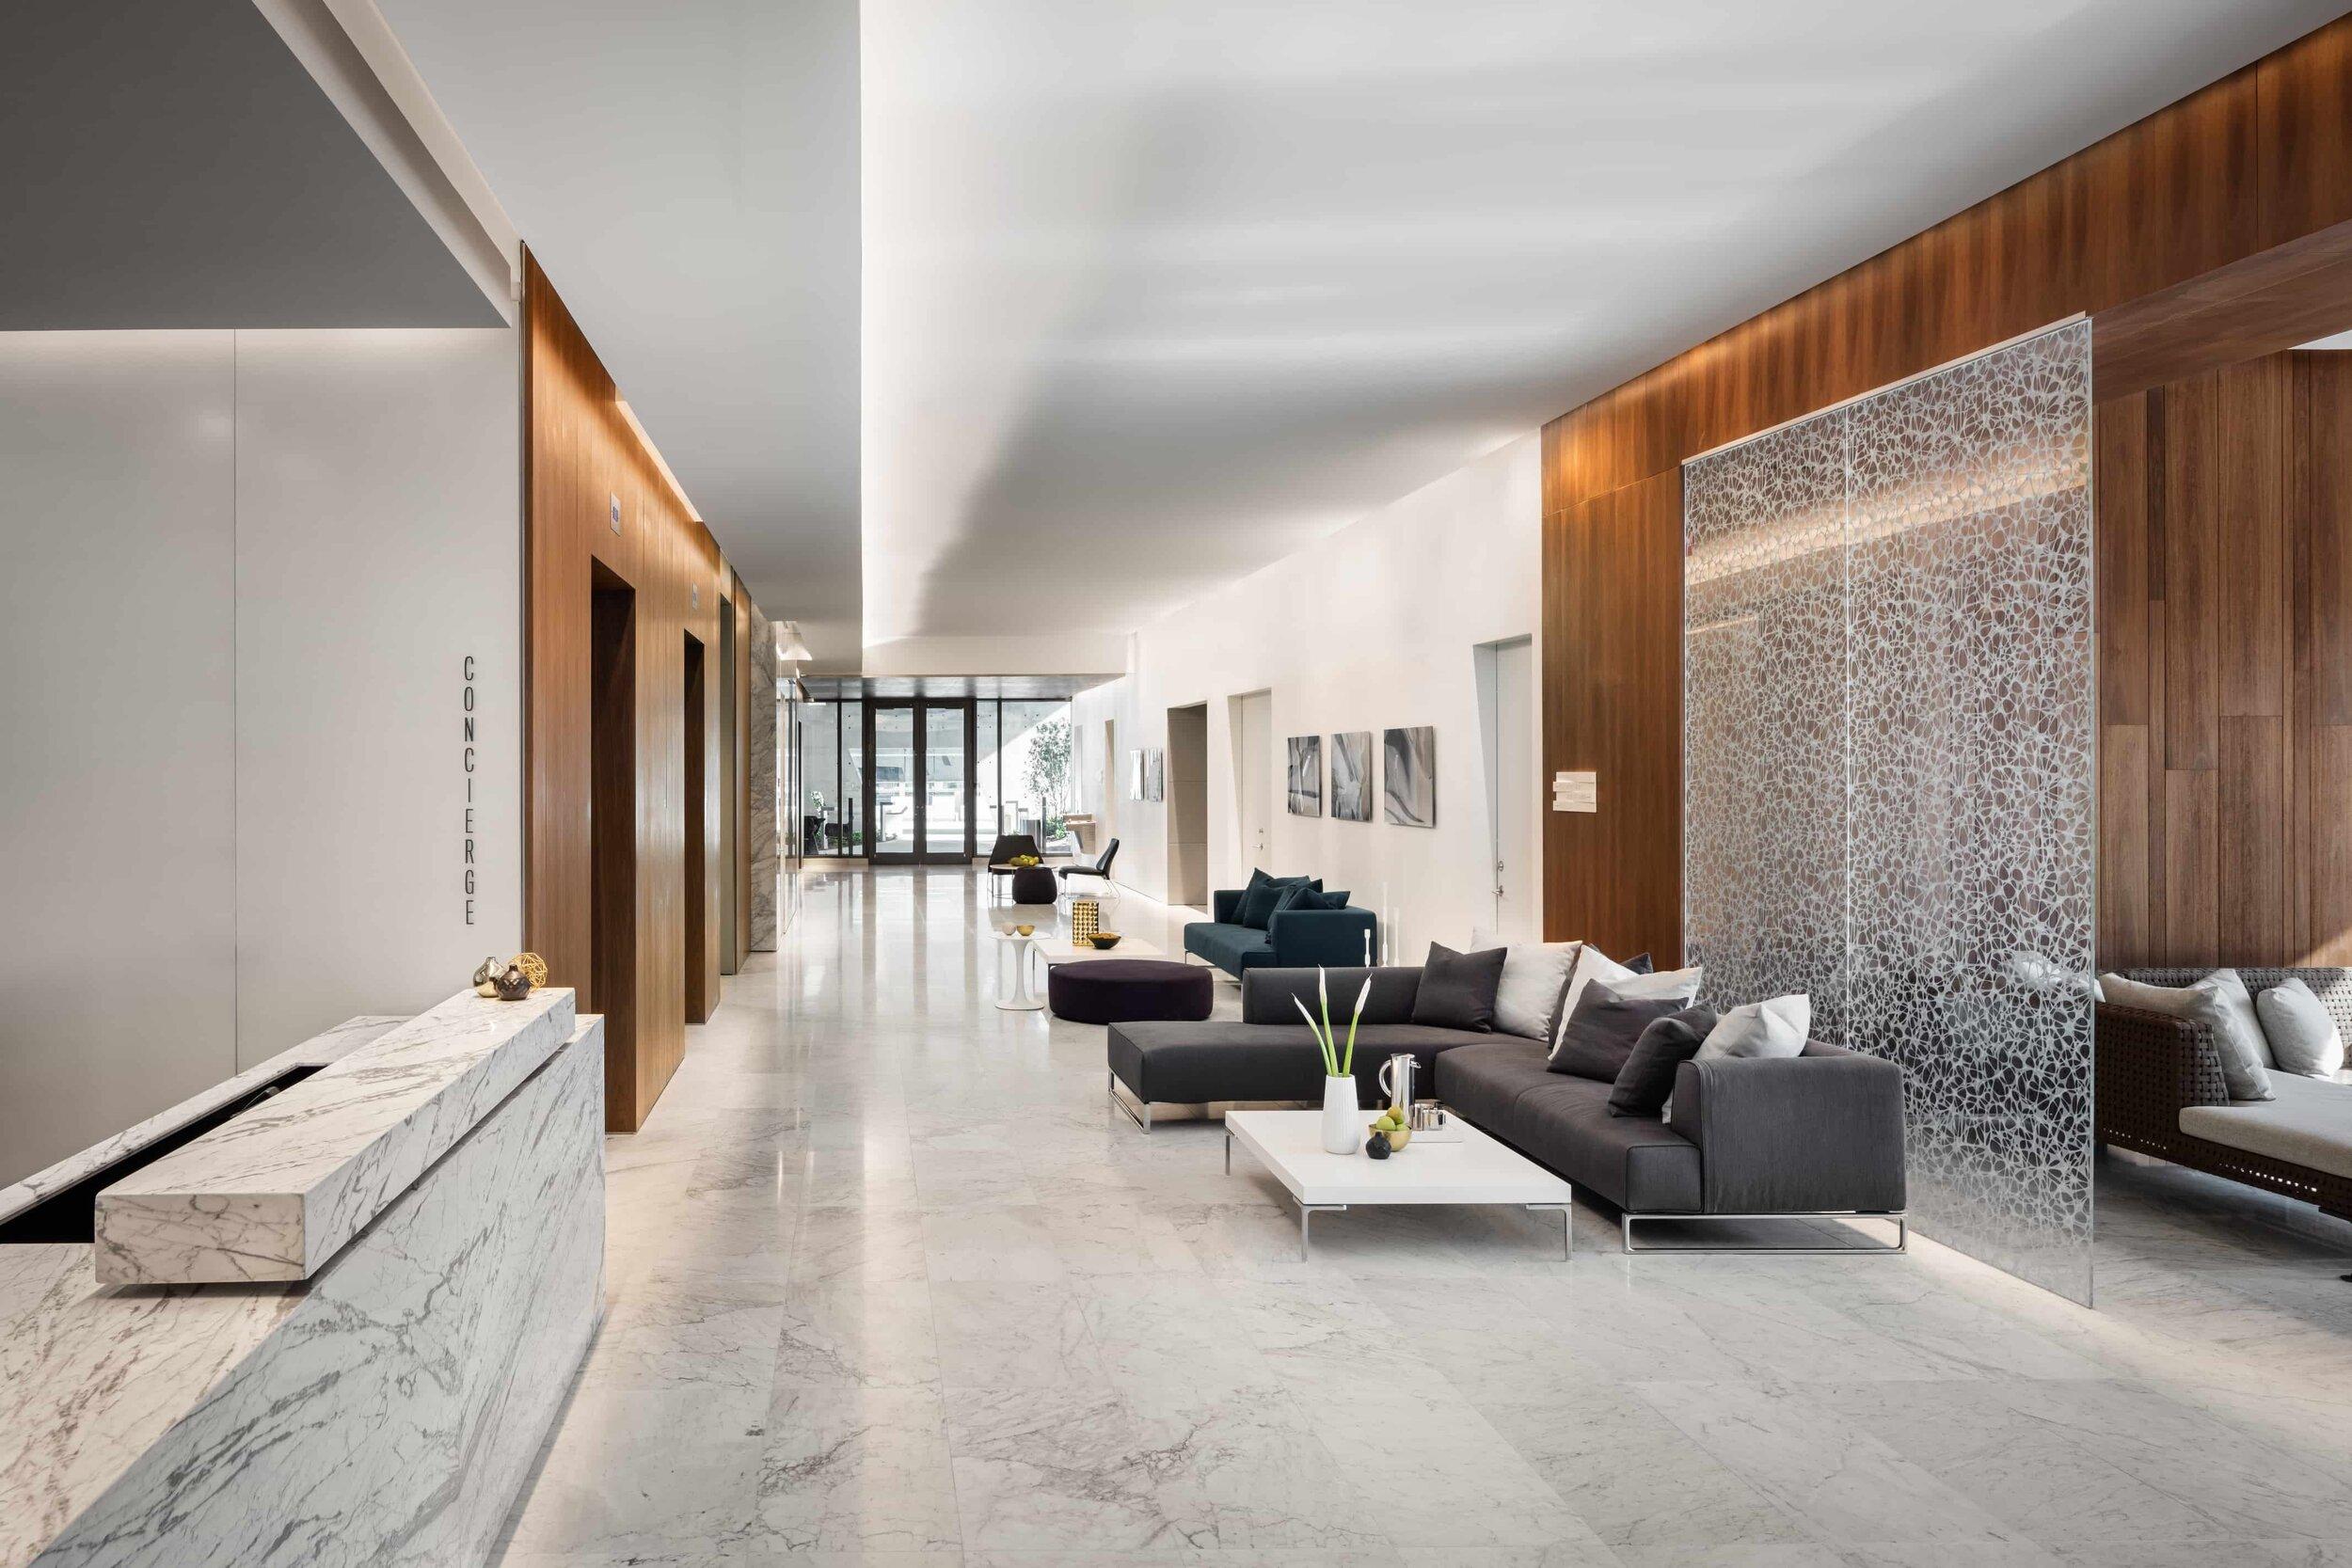 lounge-reach-rise-brickell-city-centre_lipstickandchicspaces.com.jpg